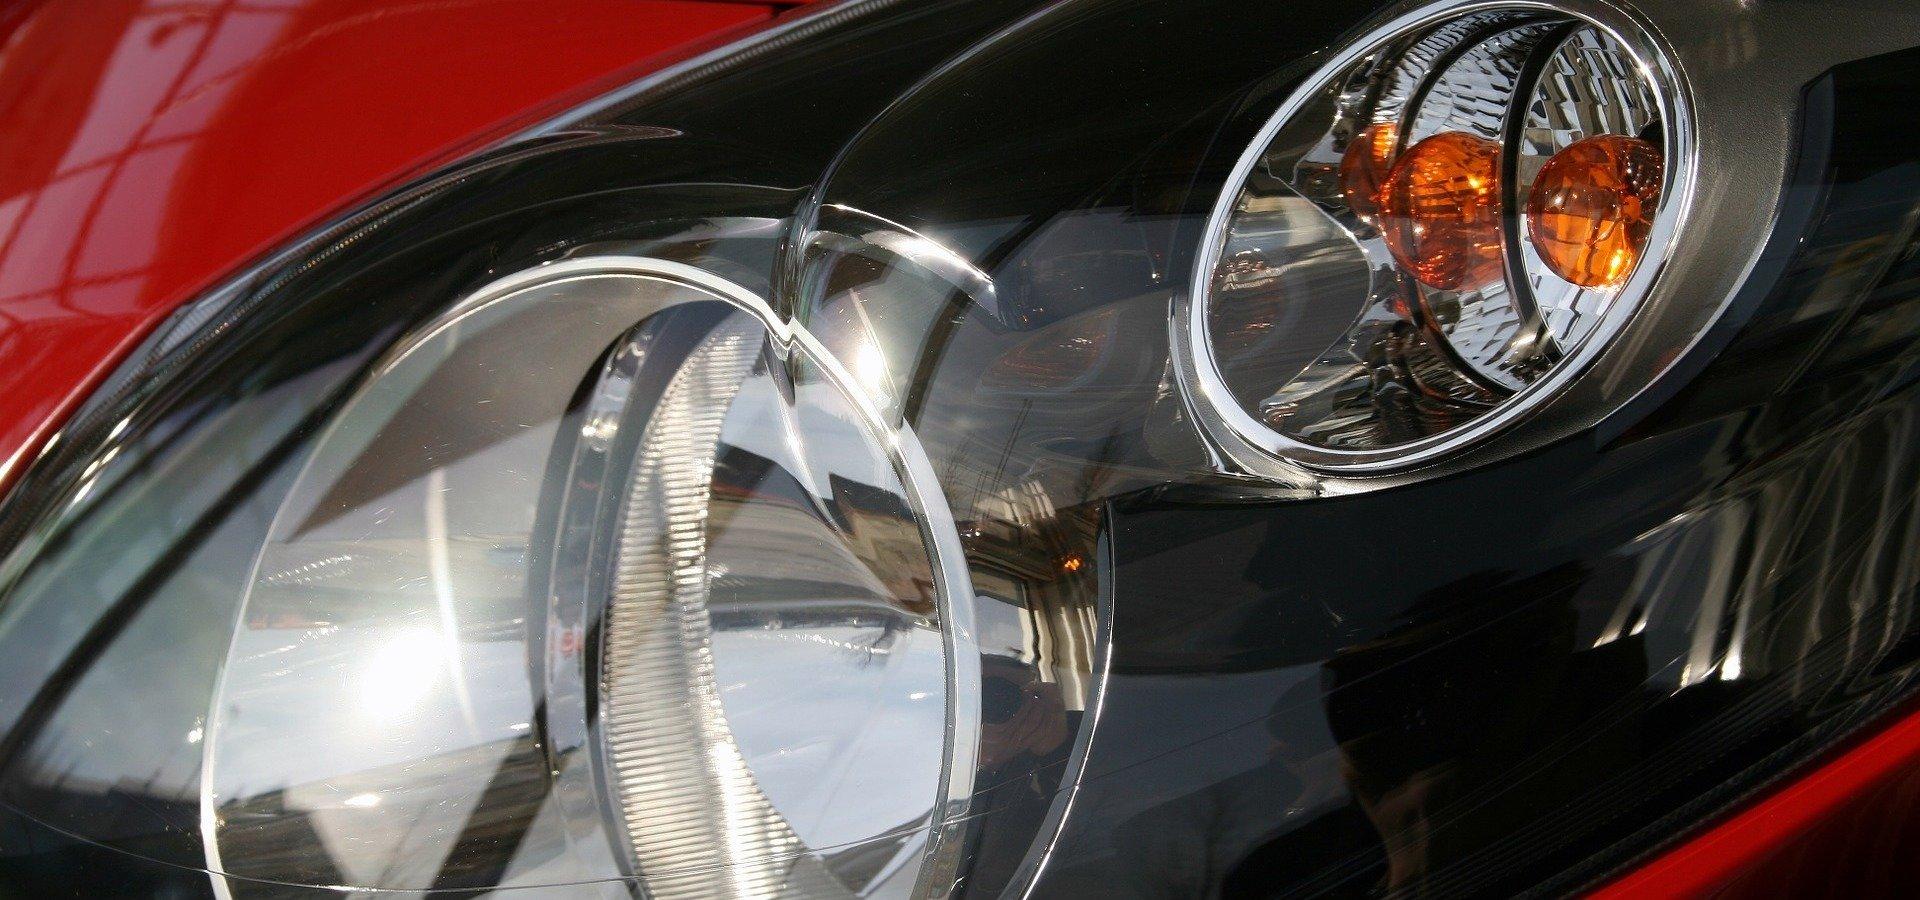 Helios zdobywa kolejny przyczółek w Europie. Nowa odsłona witryny Renault UK